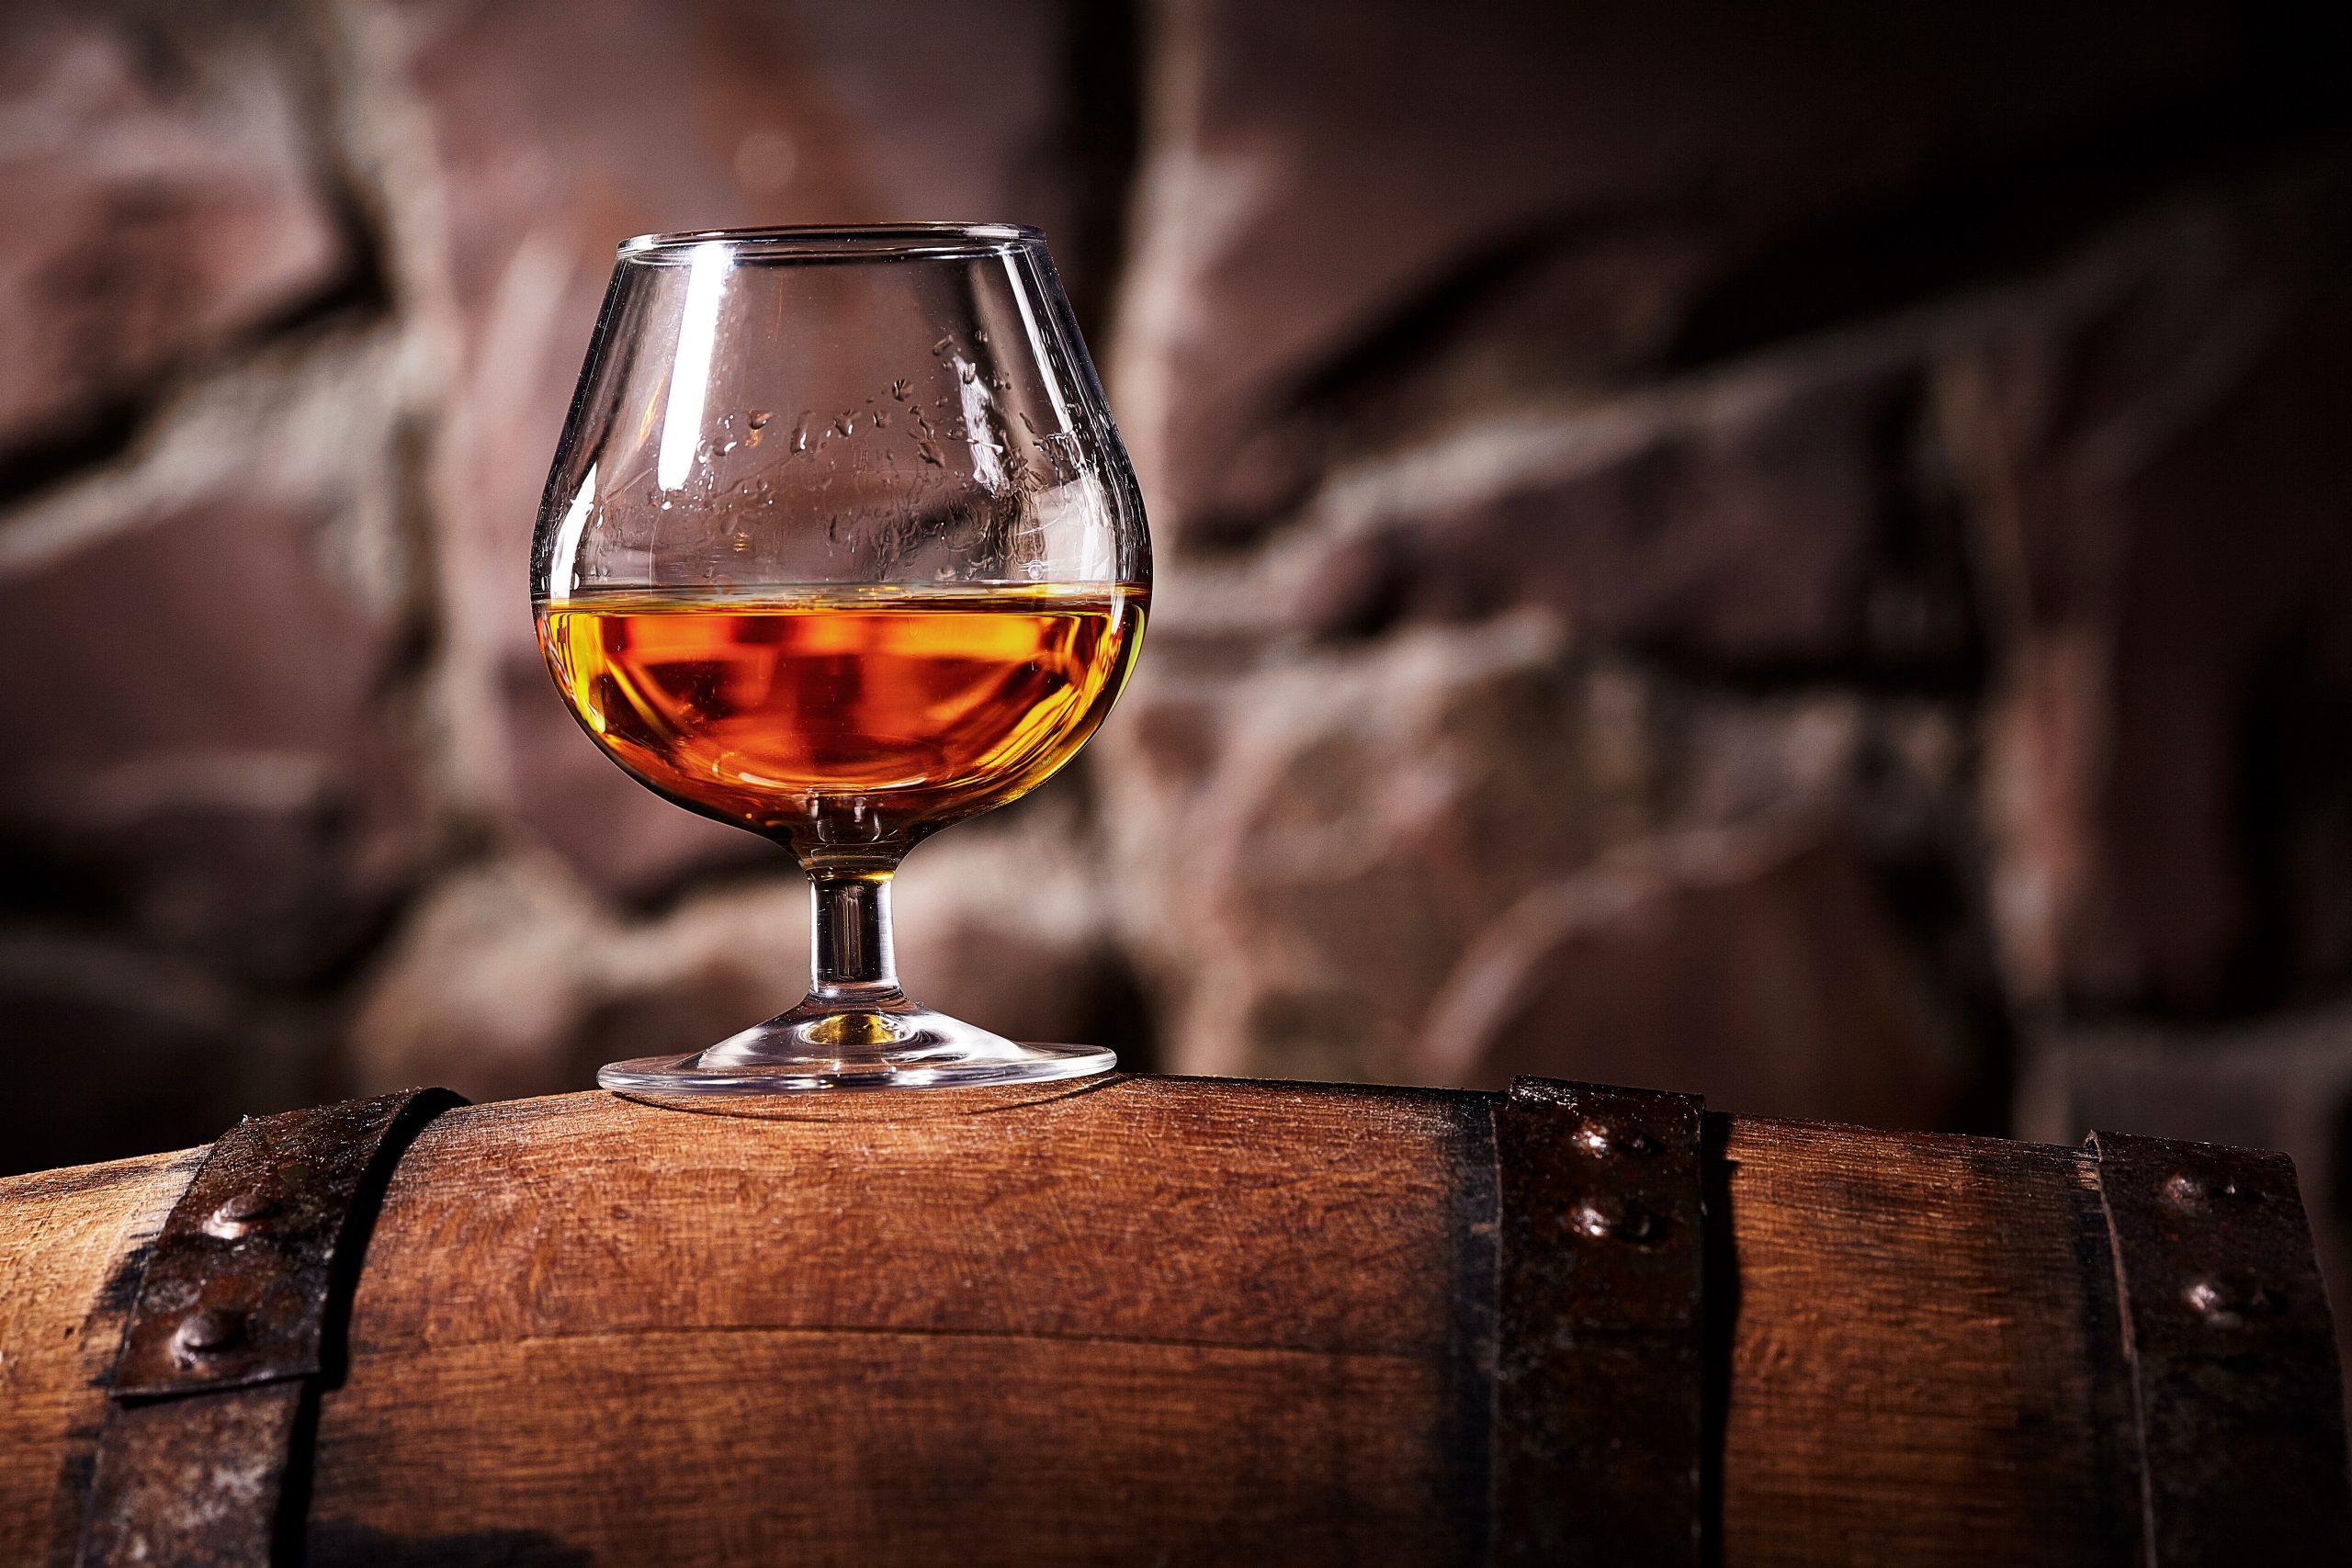 Mauritius Cellar - Mauritius Premium rums